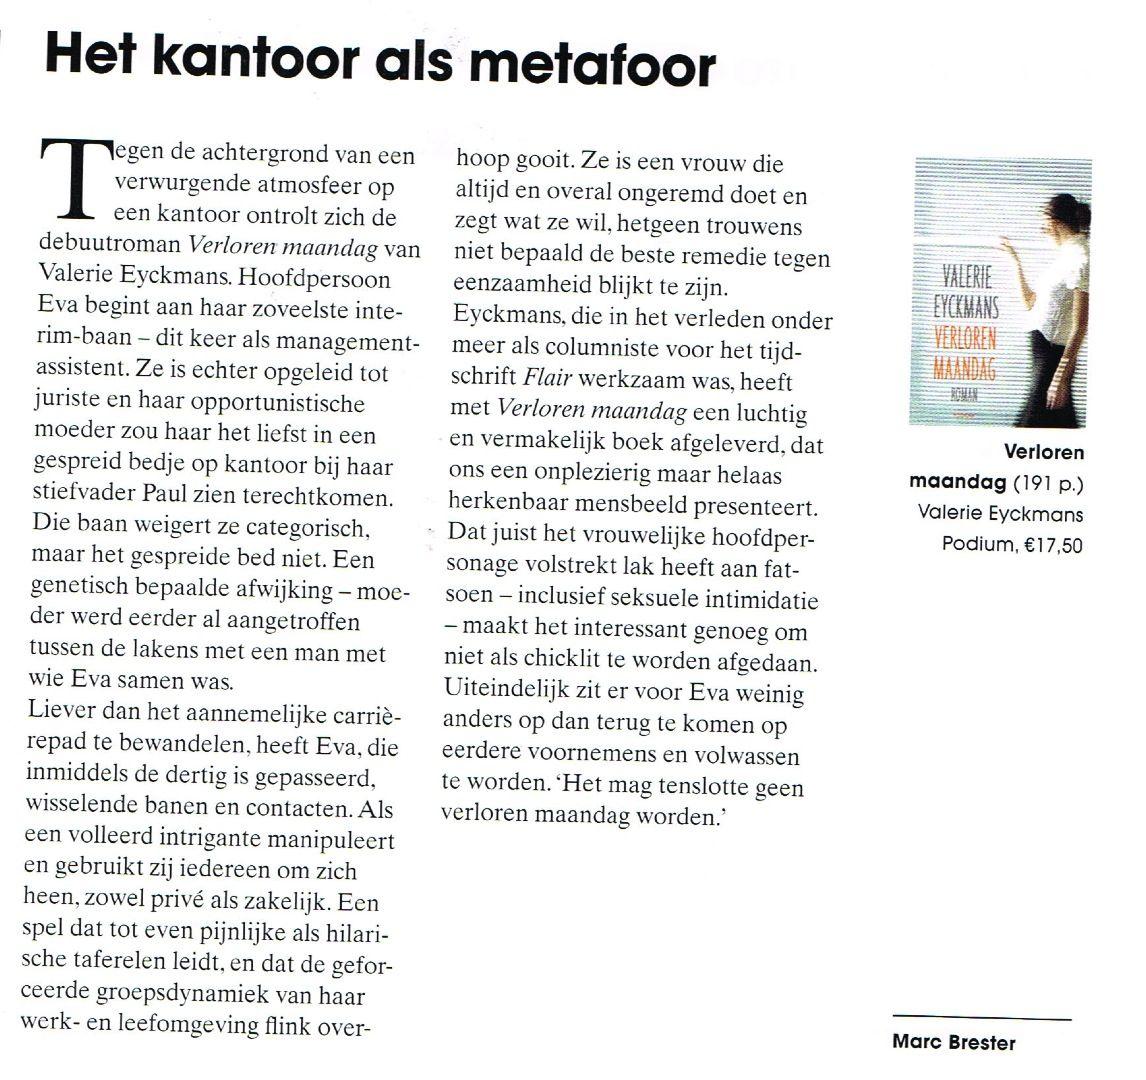 BOEK magazine - mei 2013